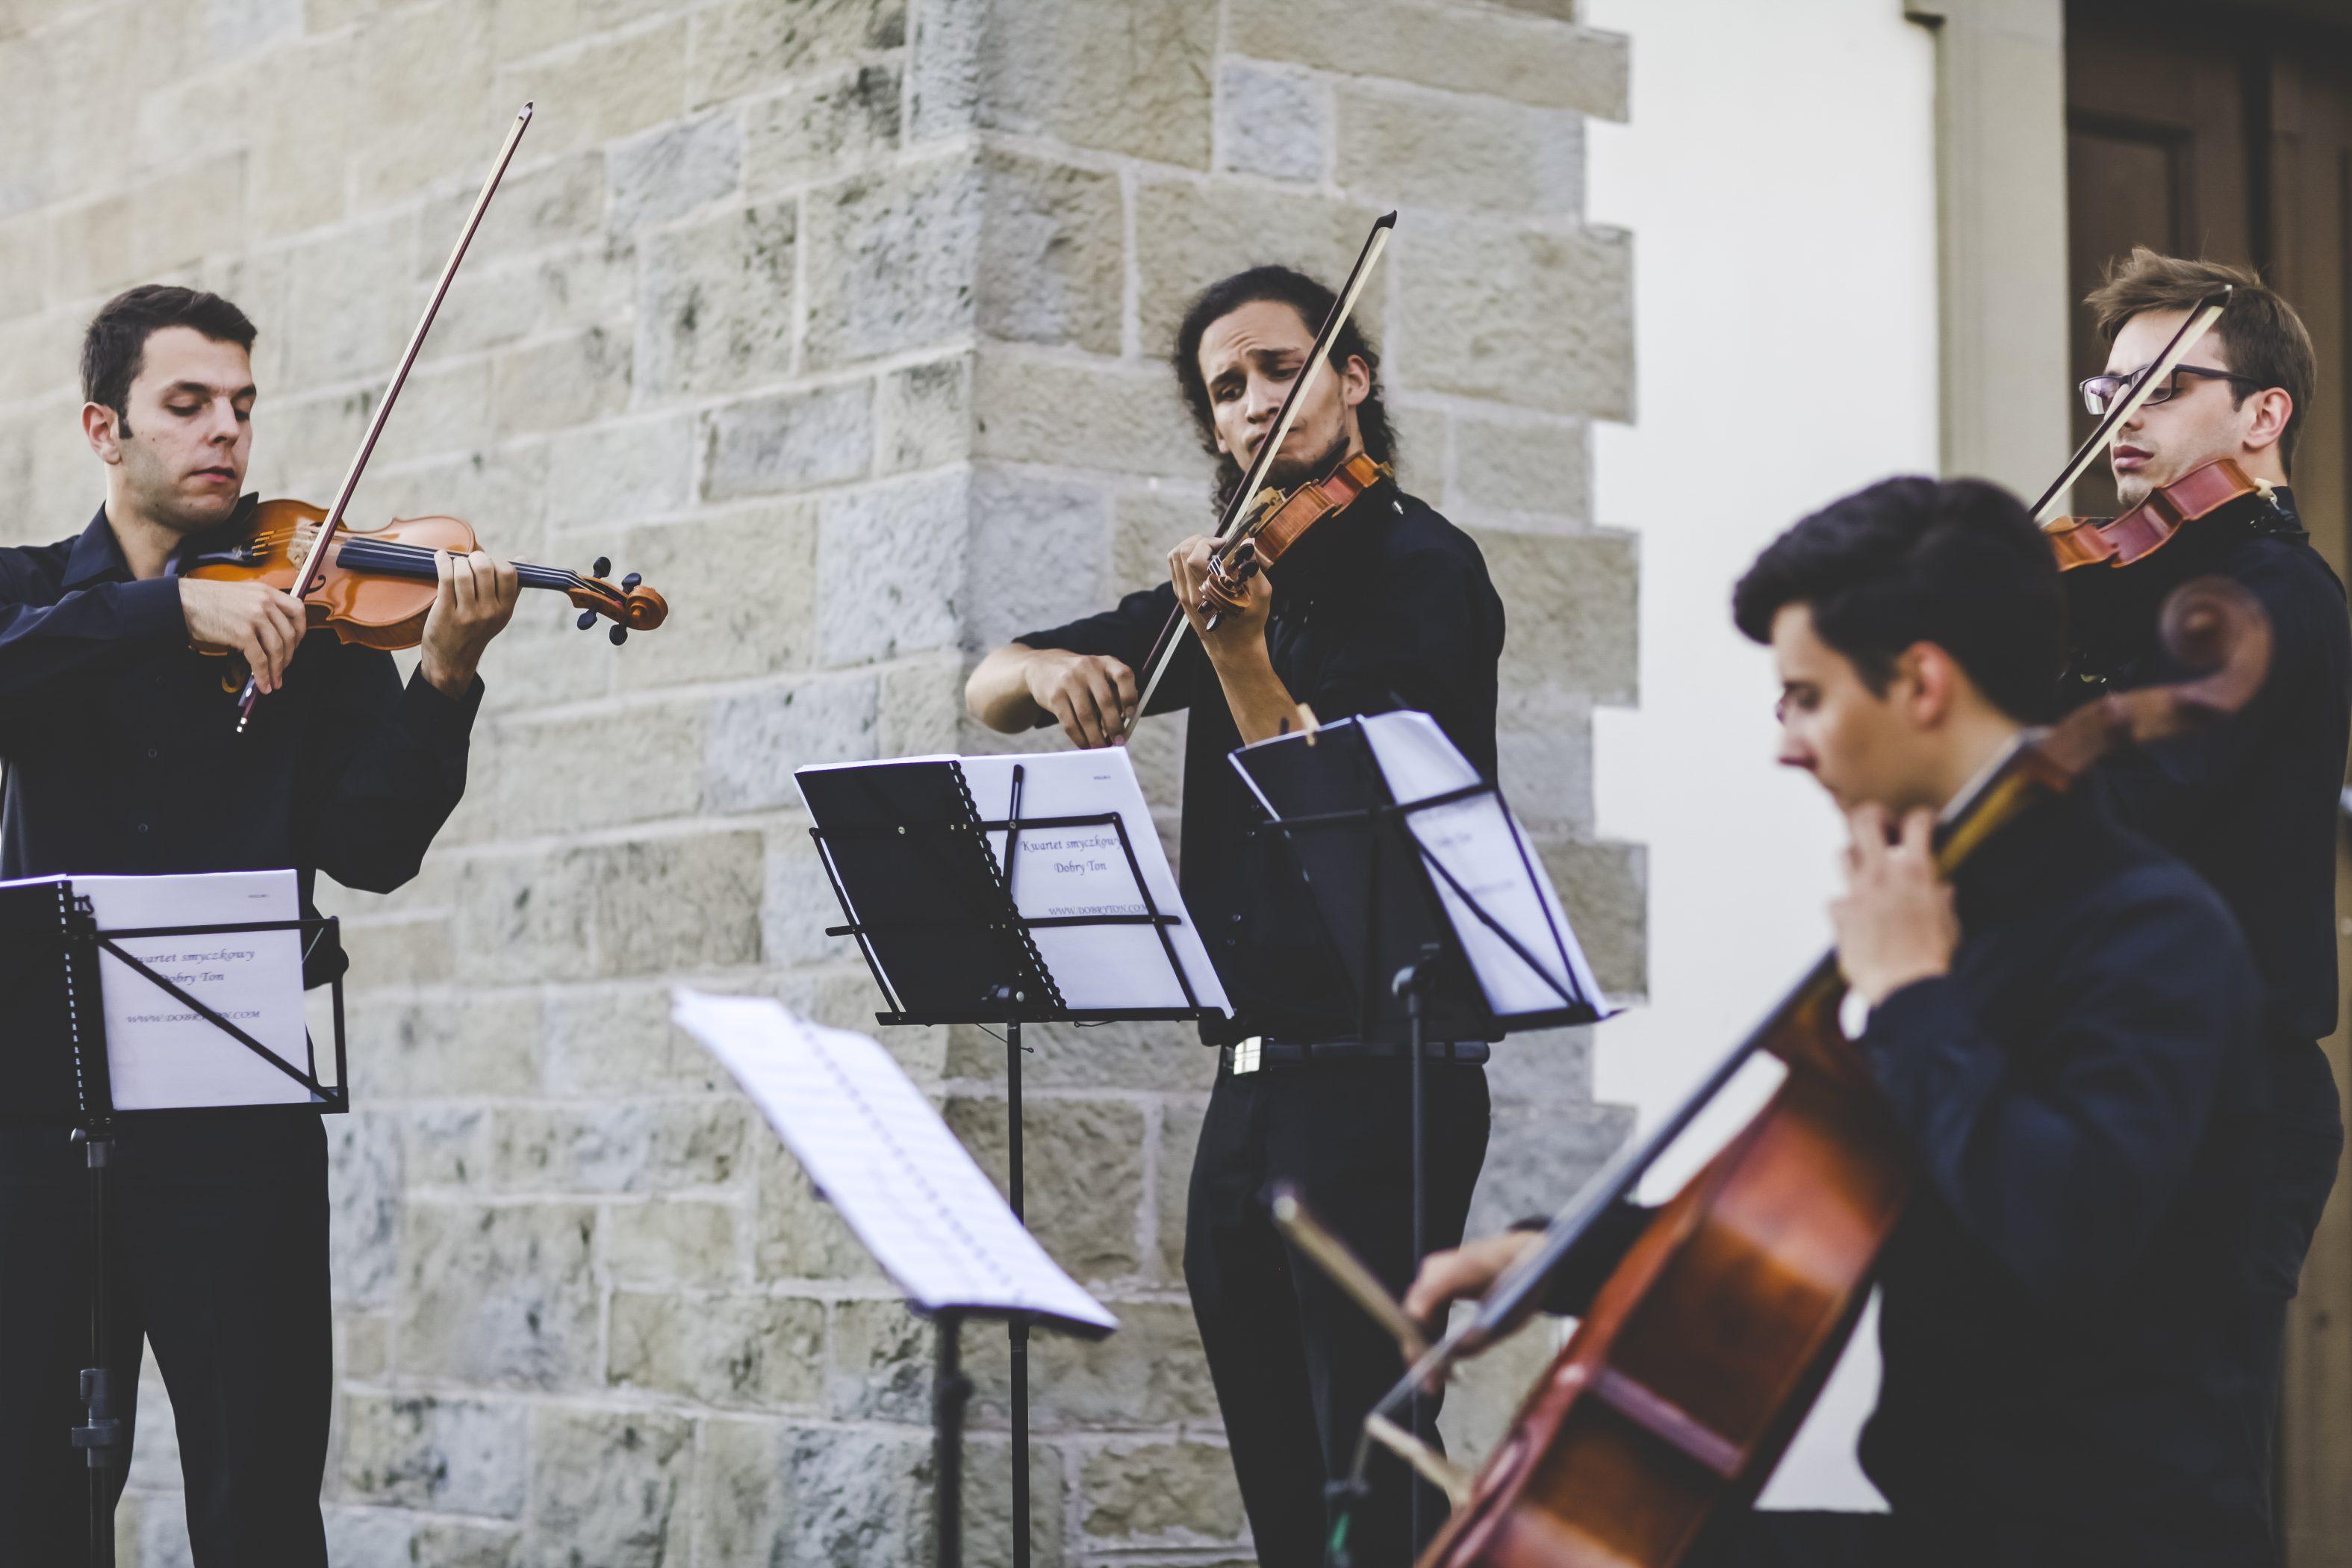 Skrzypce Na ślub Kościelny Oprawa Muzyczna ślubu Kwartet Smyczkowy